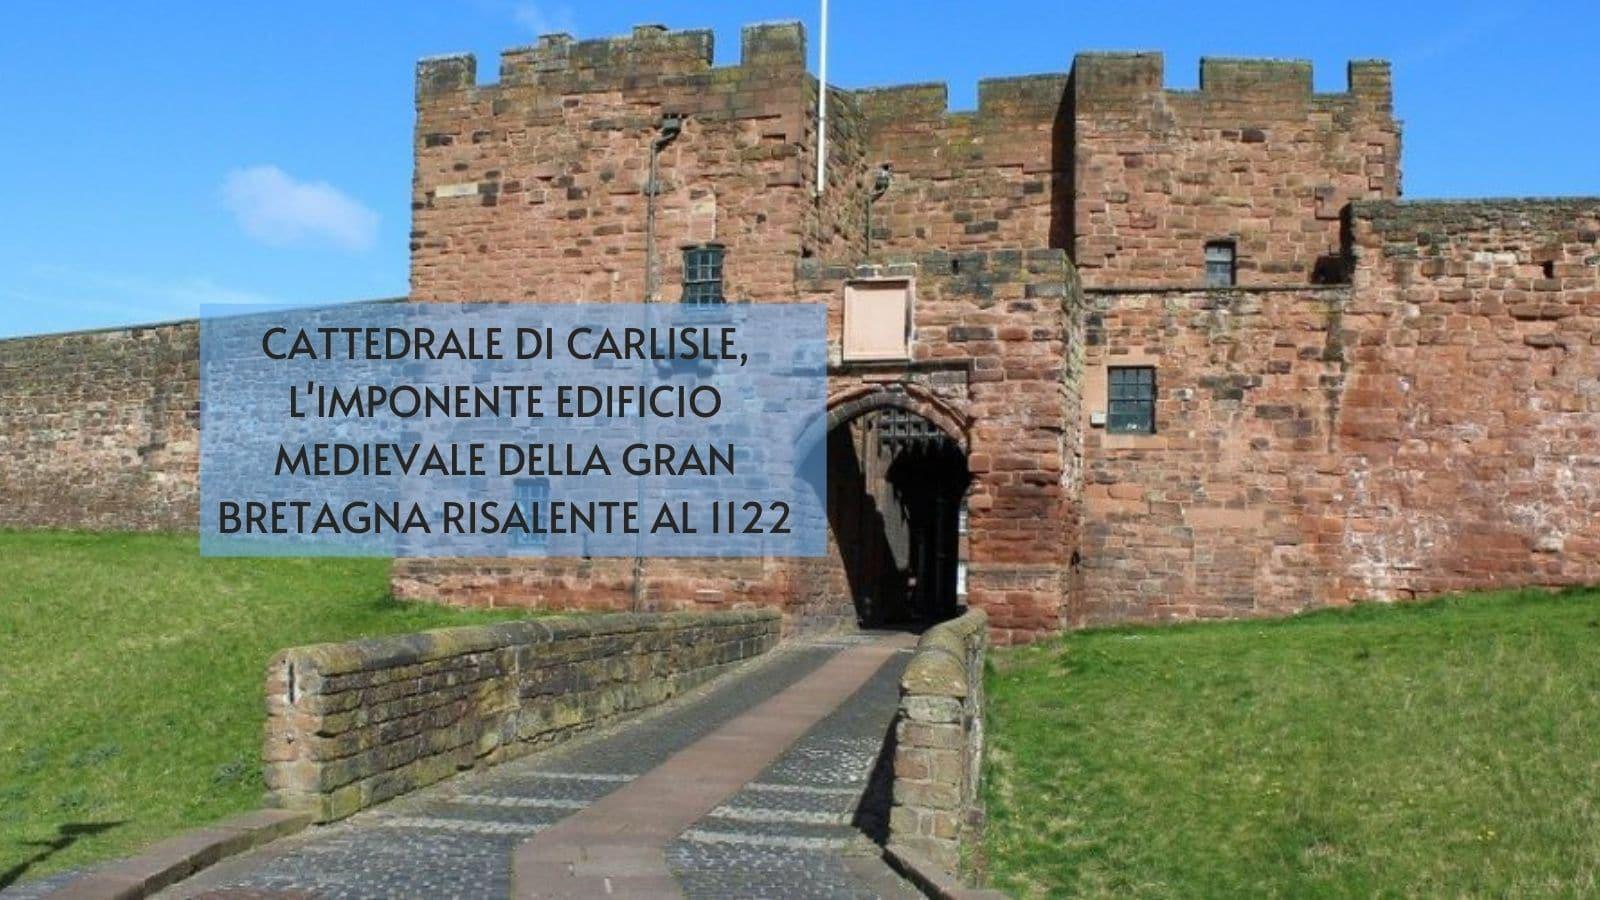 Cattedrale di Carlisle